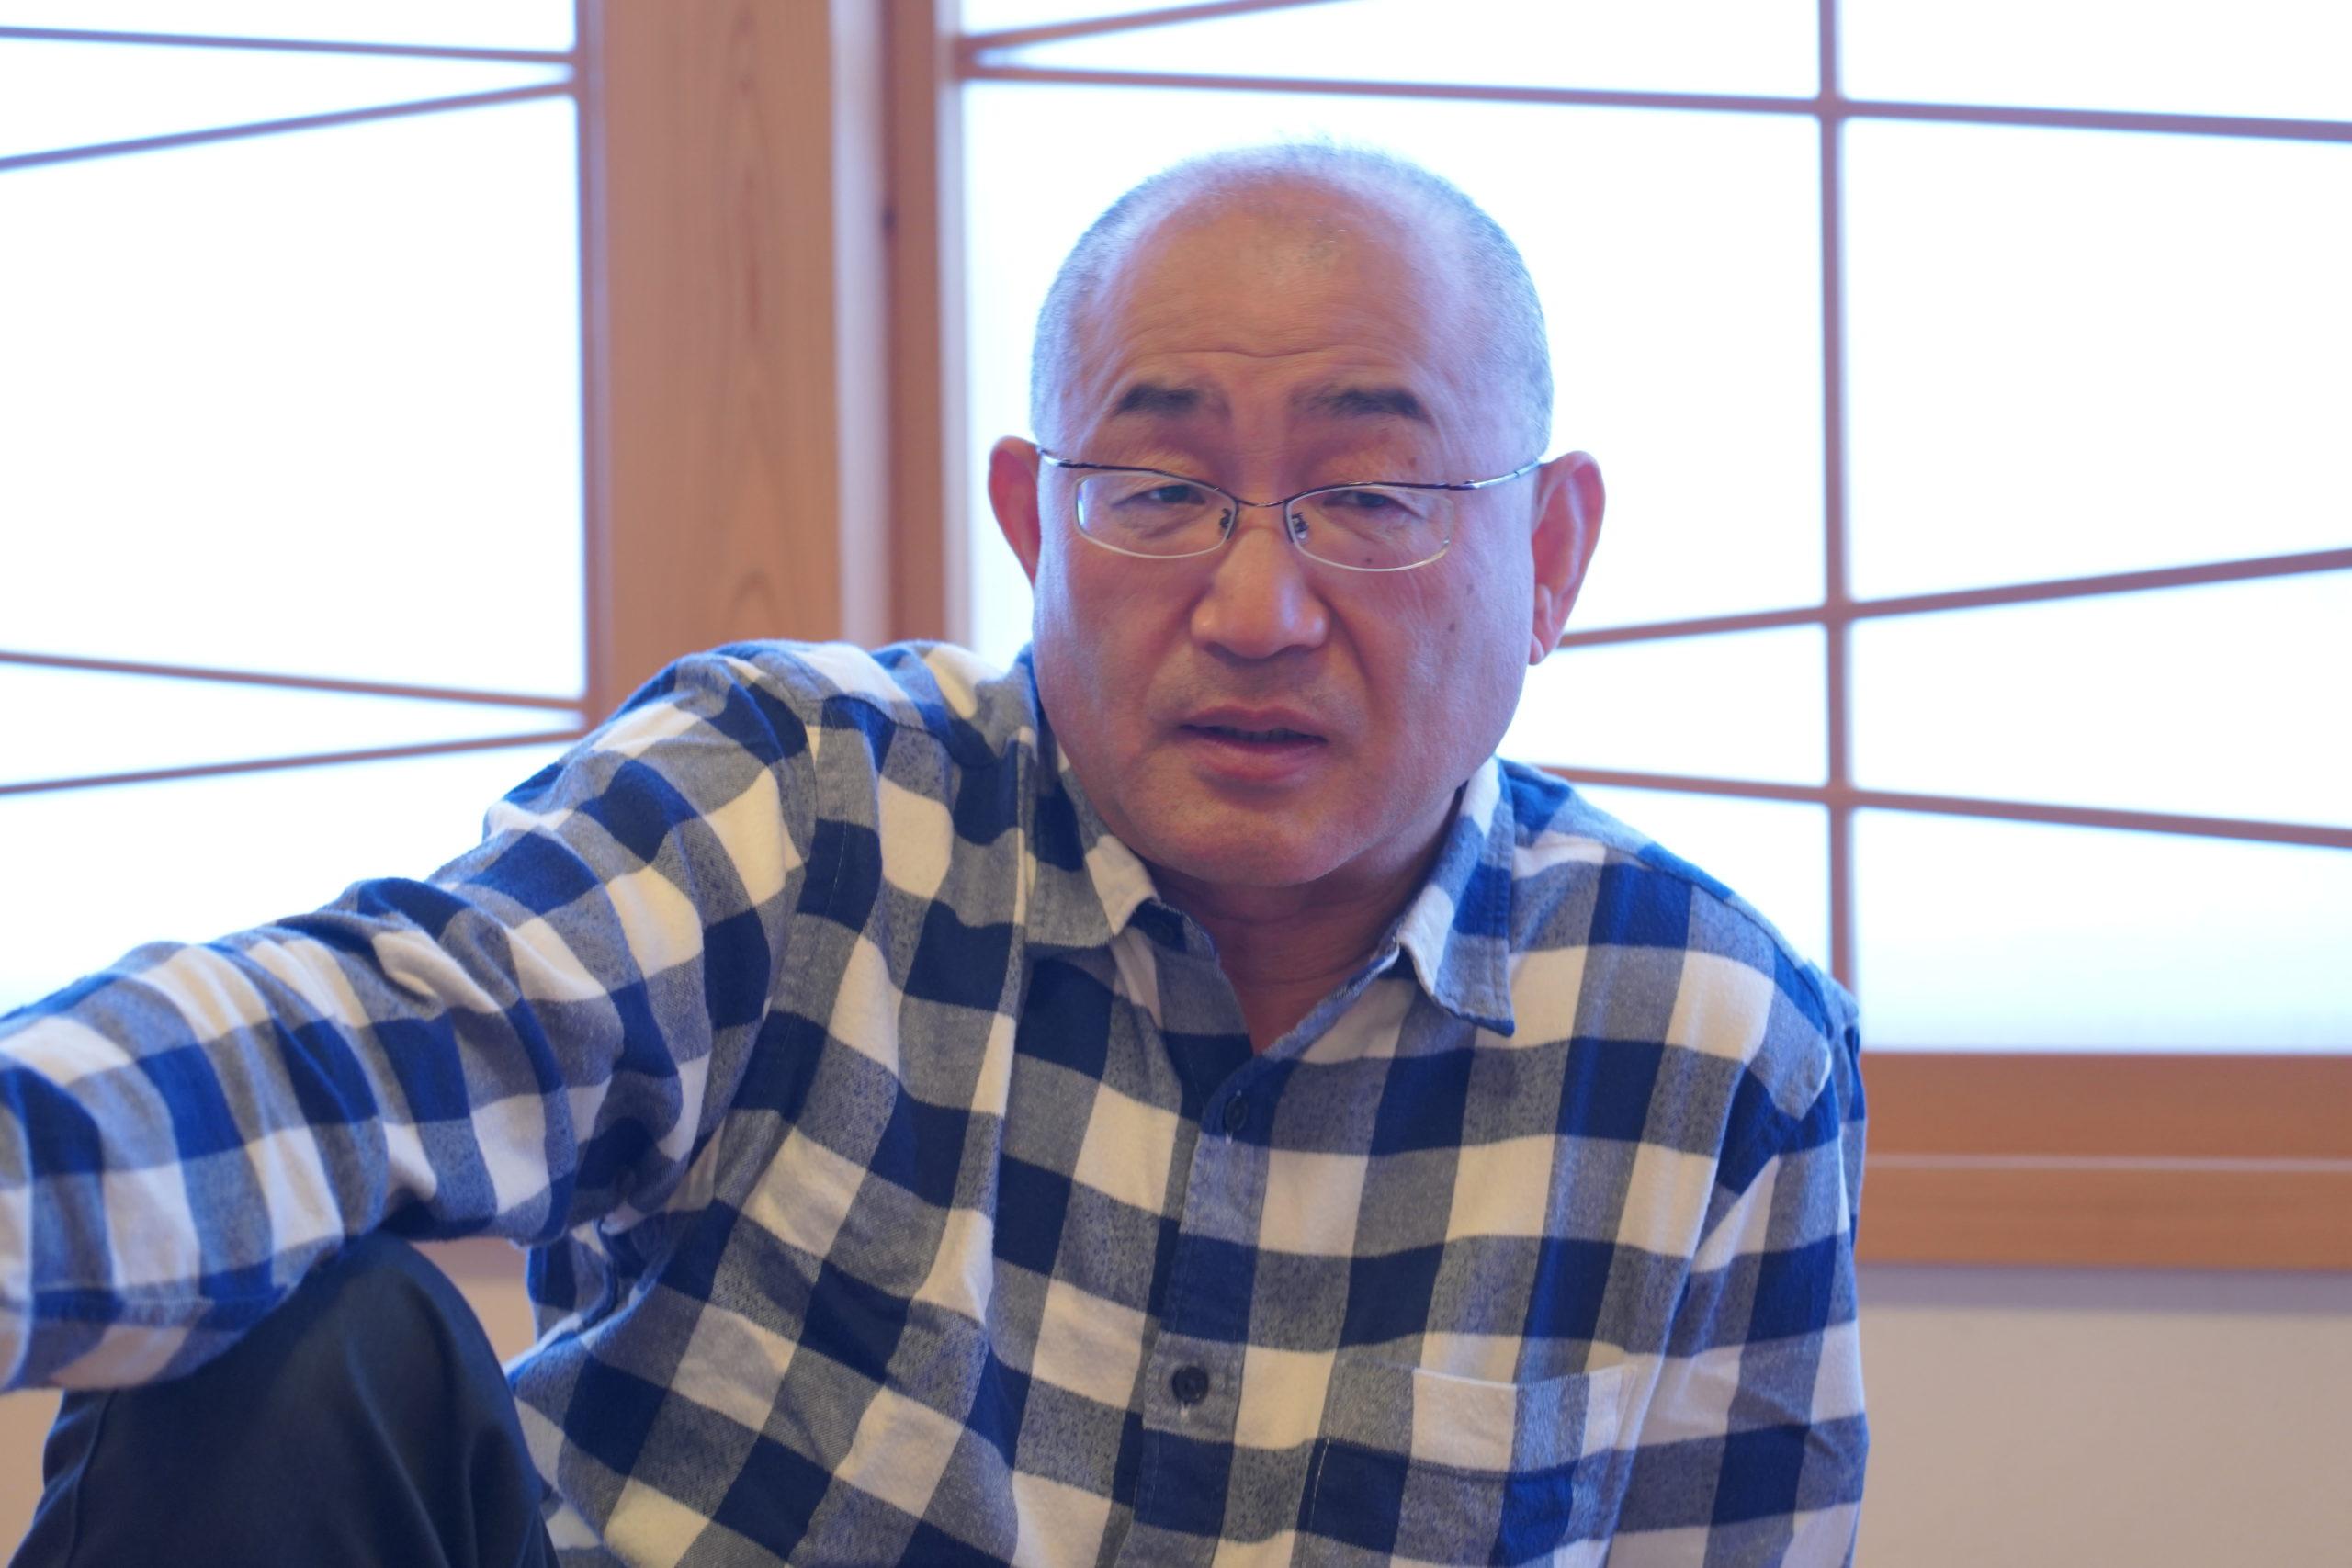 株式会社ムラモト 代表取締役 村本喜義氏②